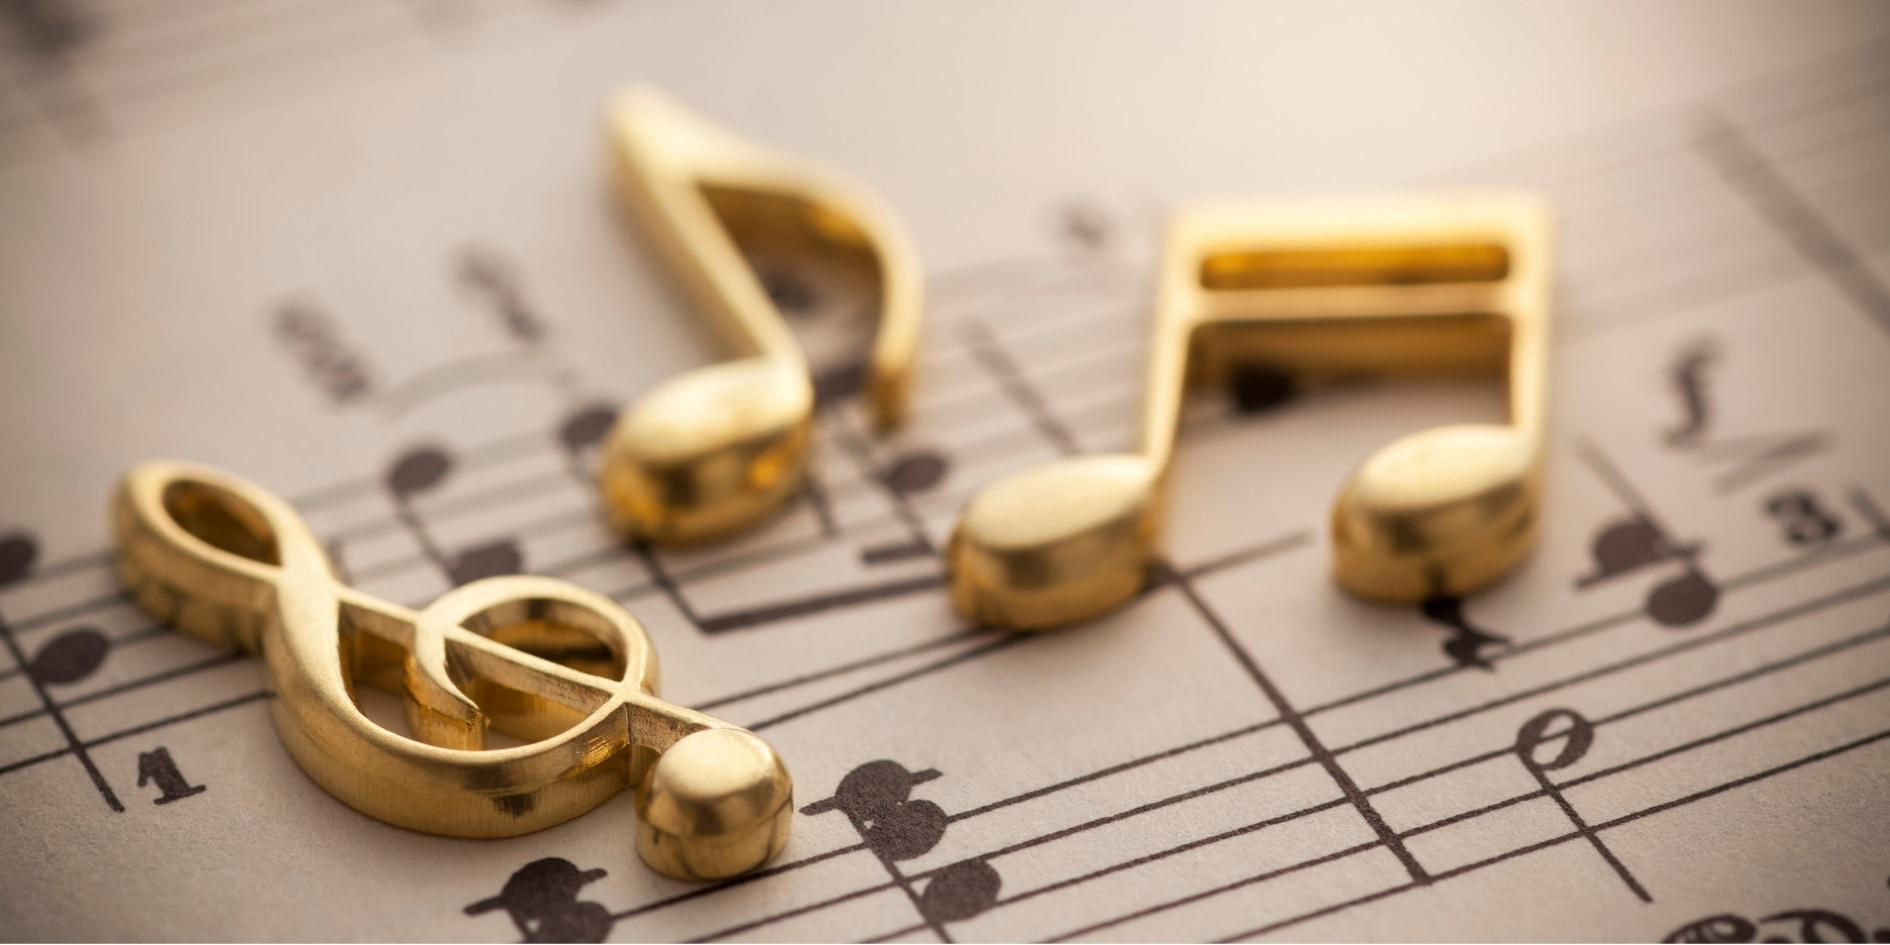 勉強していない分野へ「共通回路」を通して成績が伝達! 音楽のトレーニングは外国語スキルを上達させ逆もアリだと判明!